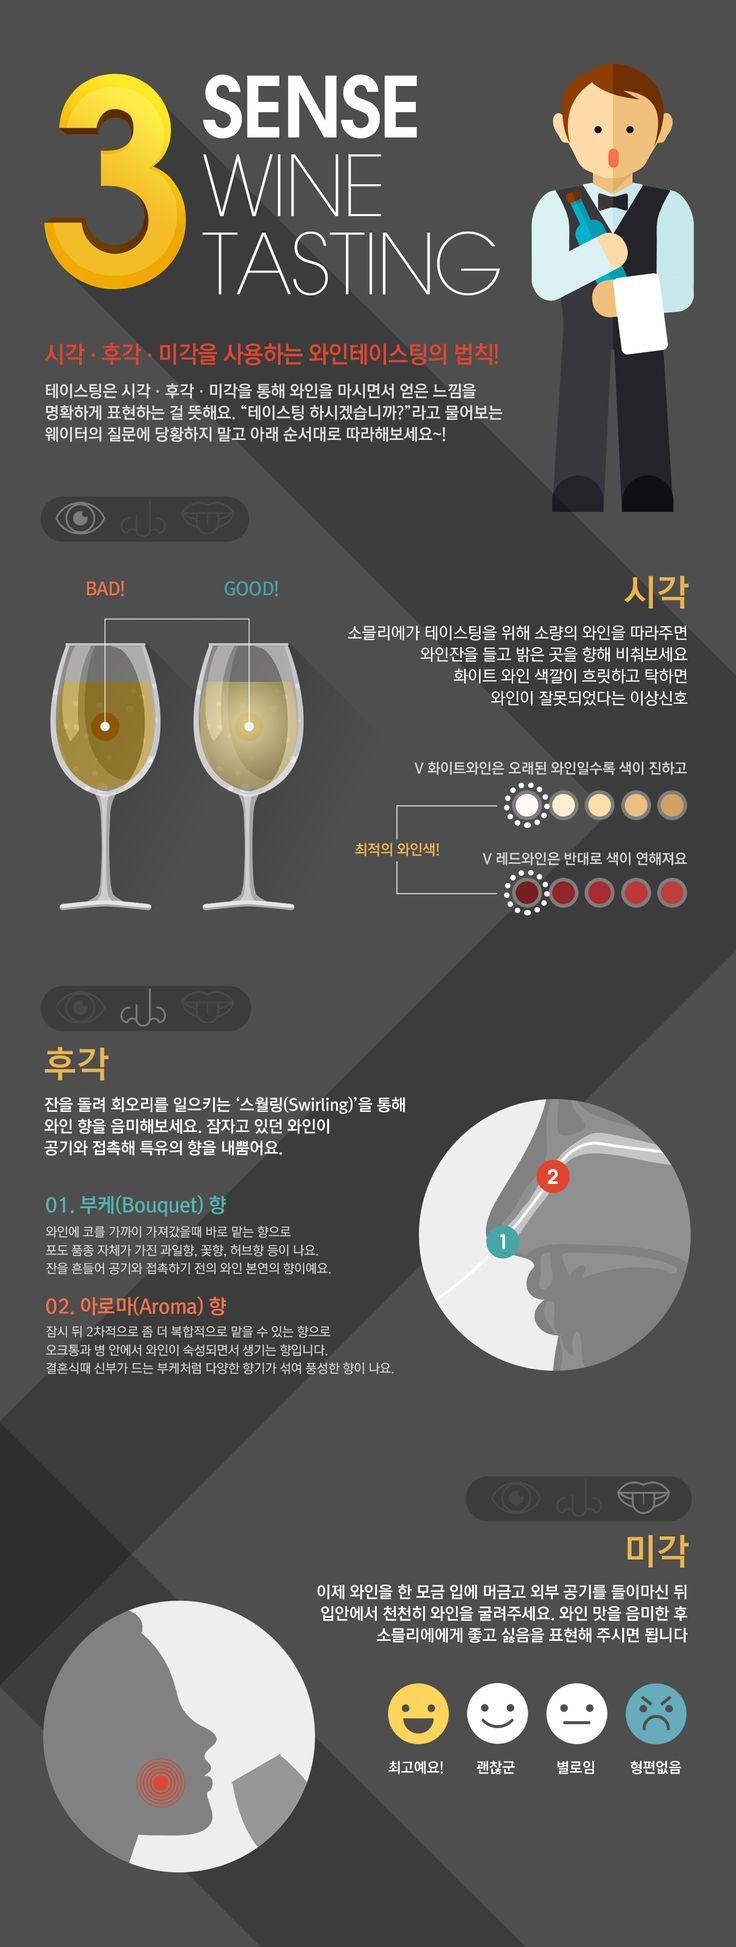 와인 테이스팅 매너 인포그래픽 #인포그래픽 #infographic #wine #winetasting #manner #와인테이스팅